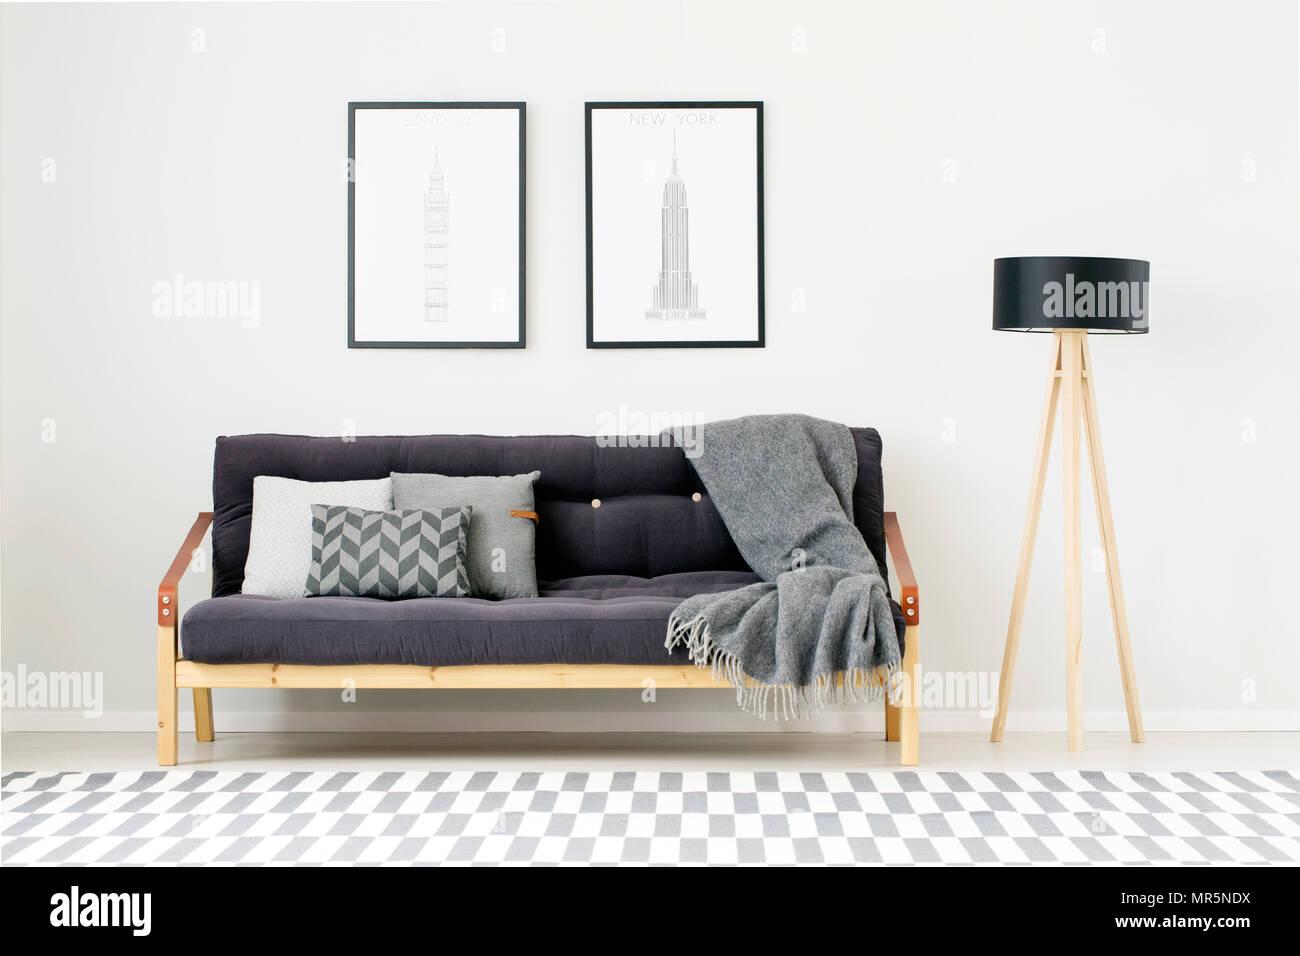 Poster Oben Schwarz Sofa Mit Kissen Und Graue Decke Neben